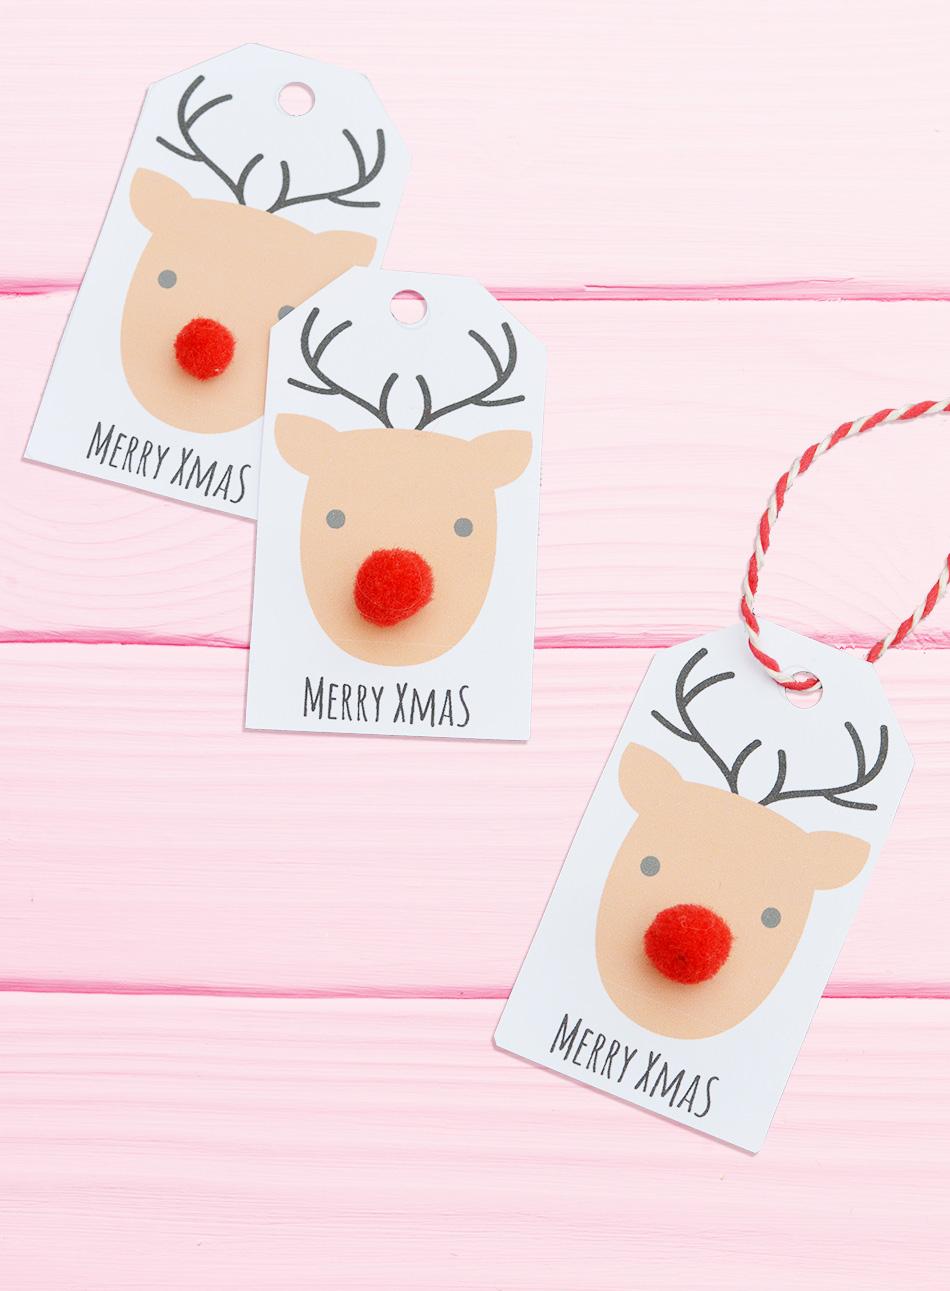 ✂ Bastelvorlagen Und Malvorlagen Zum Kostenlosen Ausdrucken verwandt mit Bastelvorlagen Weihnachten Ausdrucken